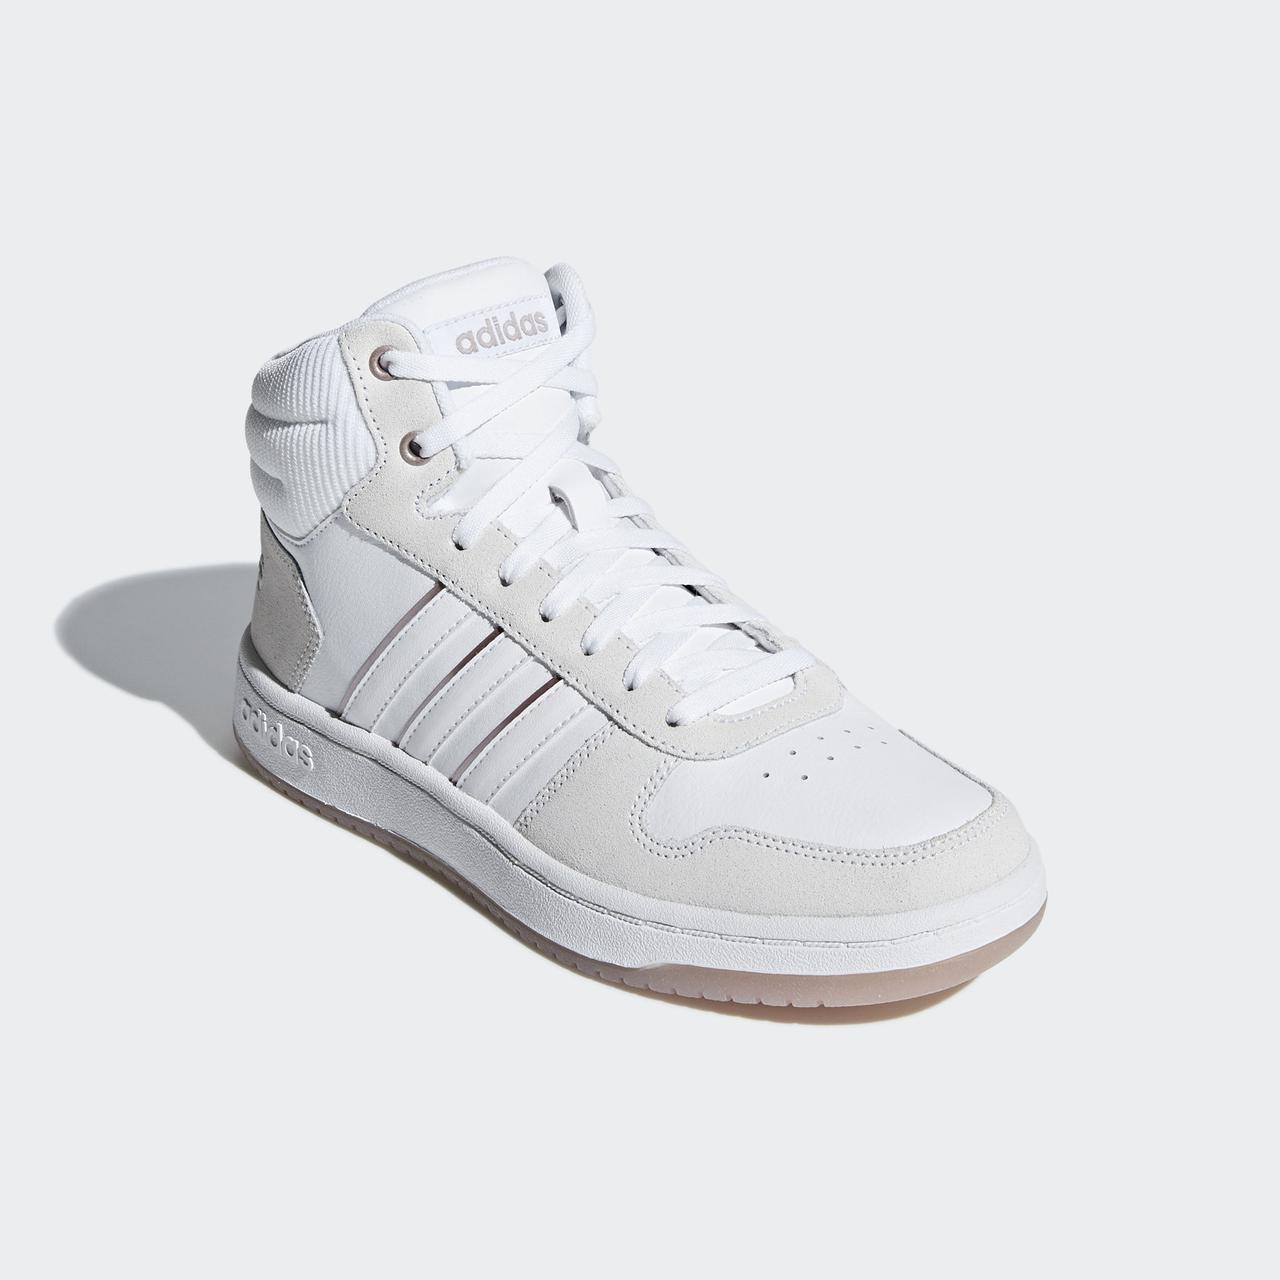 dfc72bf6 Высокие кроссовки Hoops 2.0 Mid Adidas B42109 - 2018/2: продажа ...